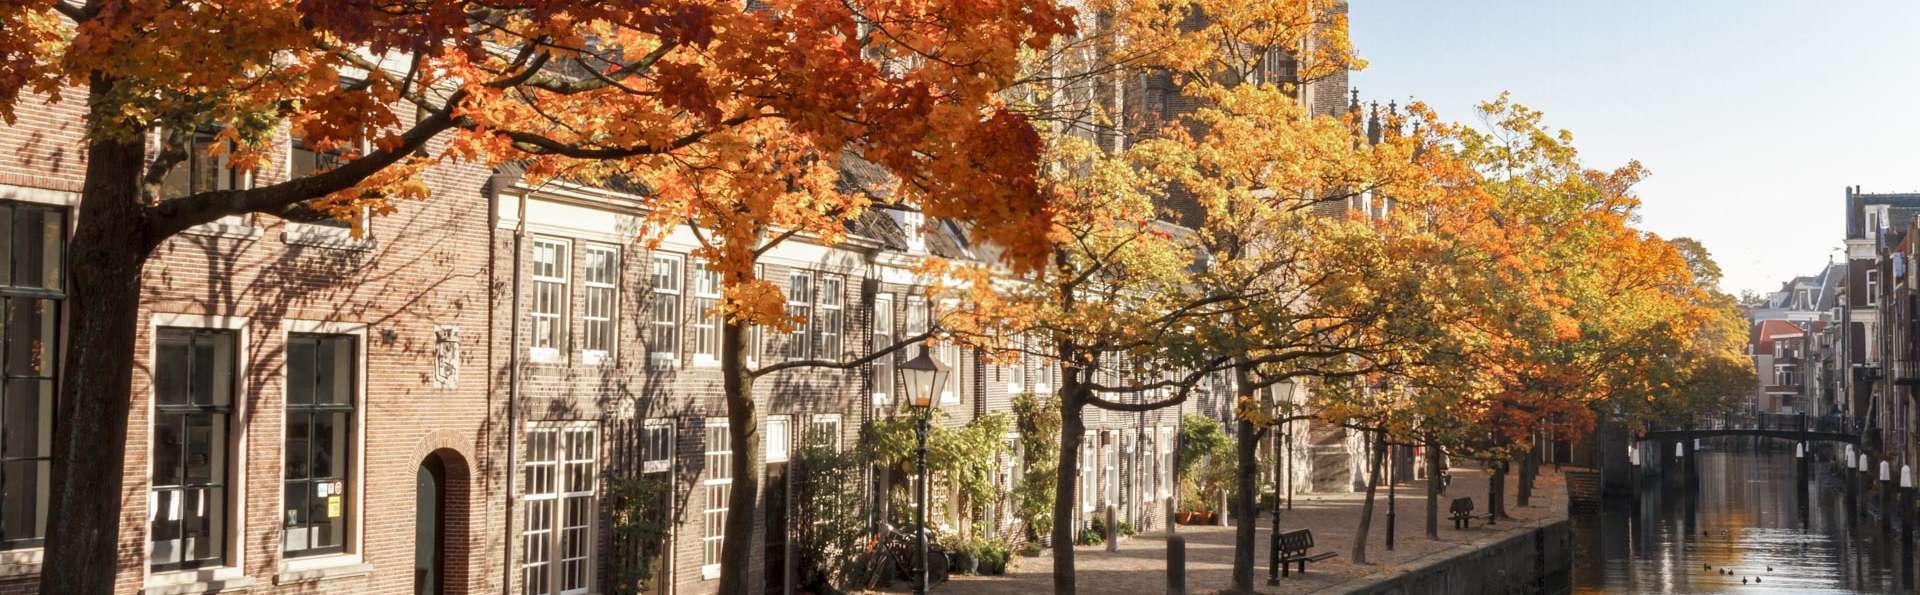 Surclassement spécial : avec petit-déjeuner compris dans la ville classique de Dordrecht